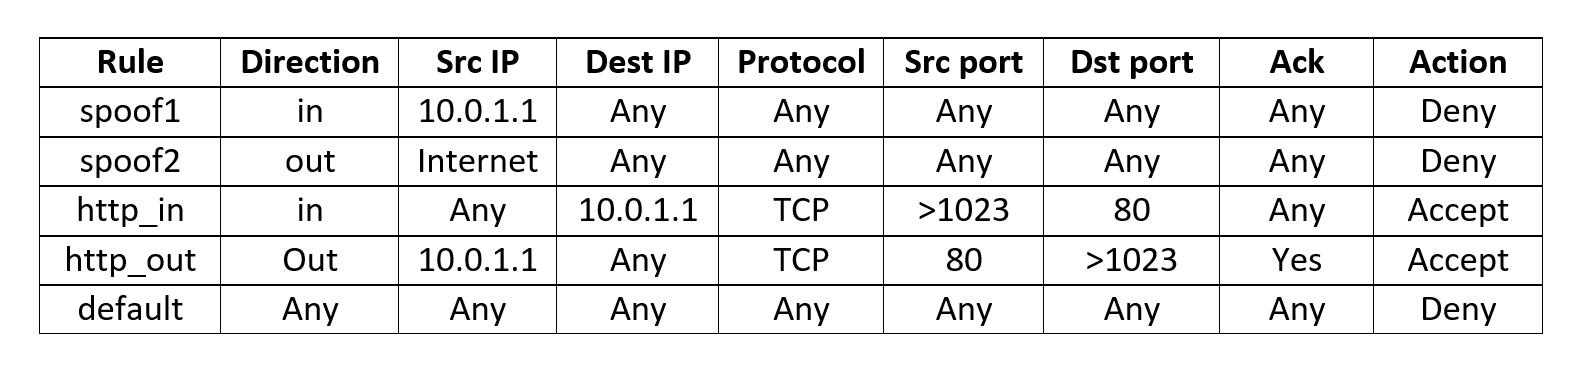 Создание и тестирование Firewall в Linux, Часть 2.2. Таблицы Firewall. Доступ к TCP-IP структурам - 2